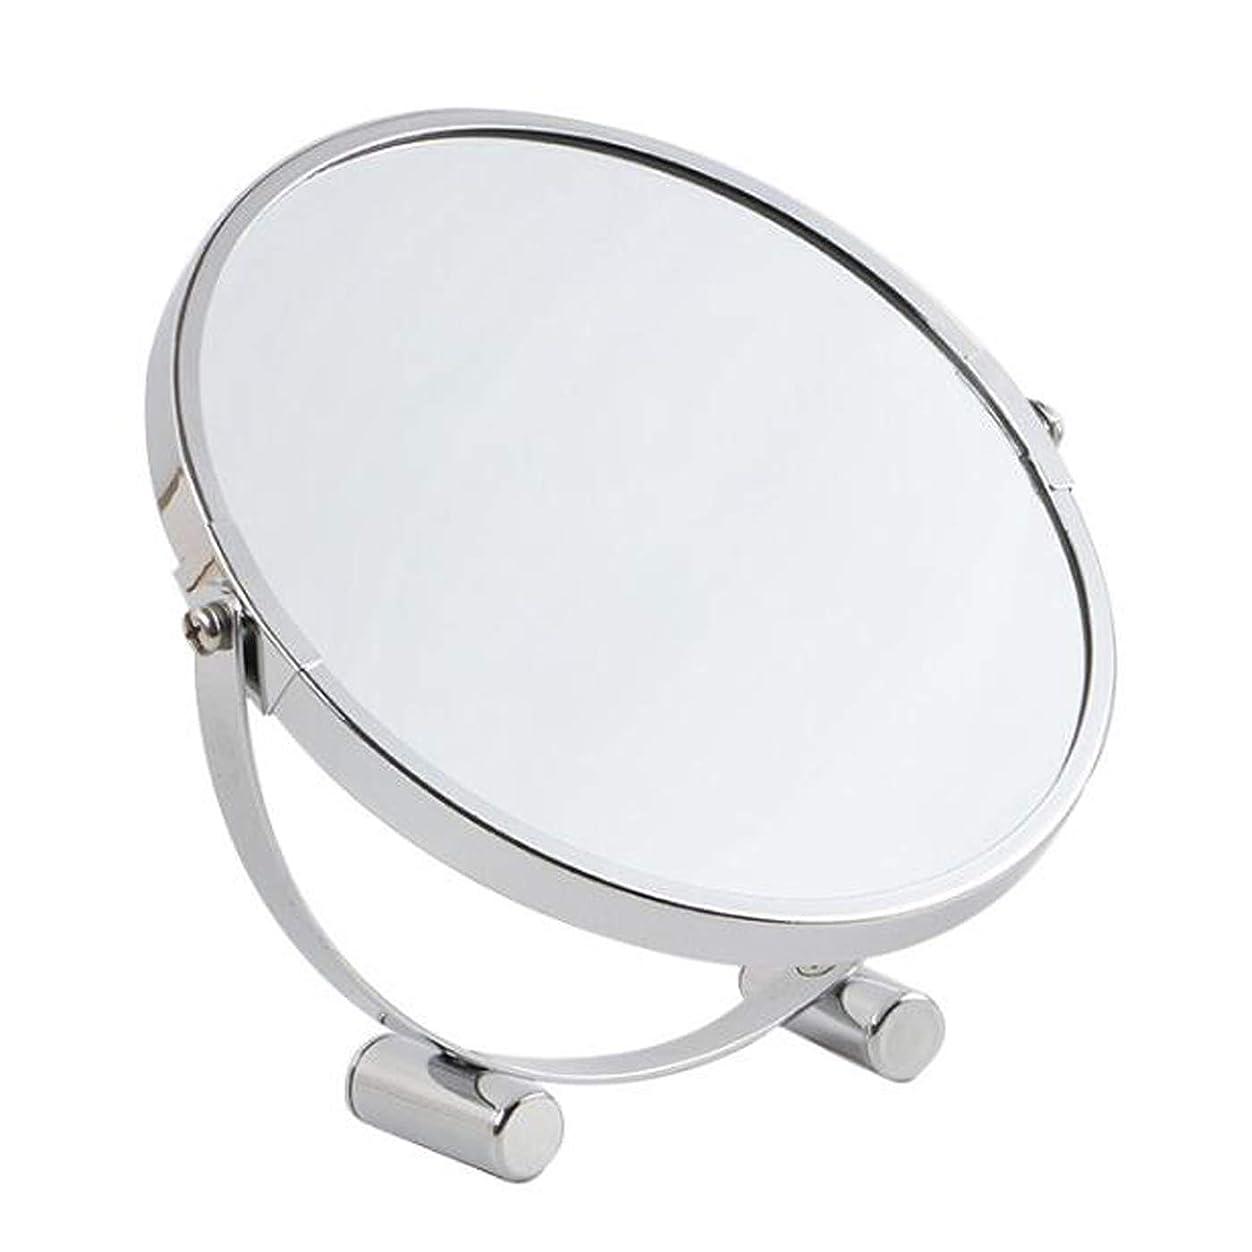 コークス勤勉な寝具THINKELS-TECH 7インチ化粧鏡両面1X/2X倍率360度回転旅行用ミラー トラベルミラーベース取り外し可能